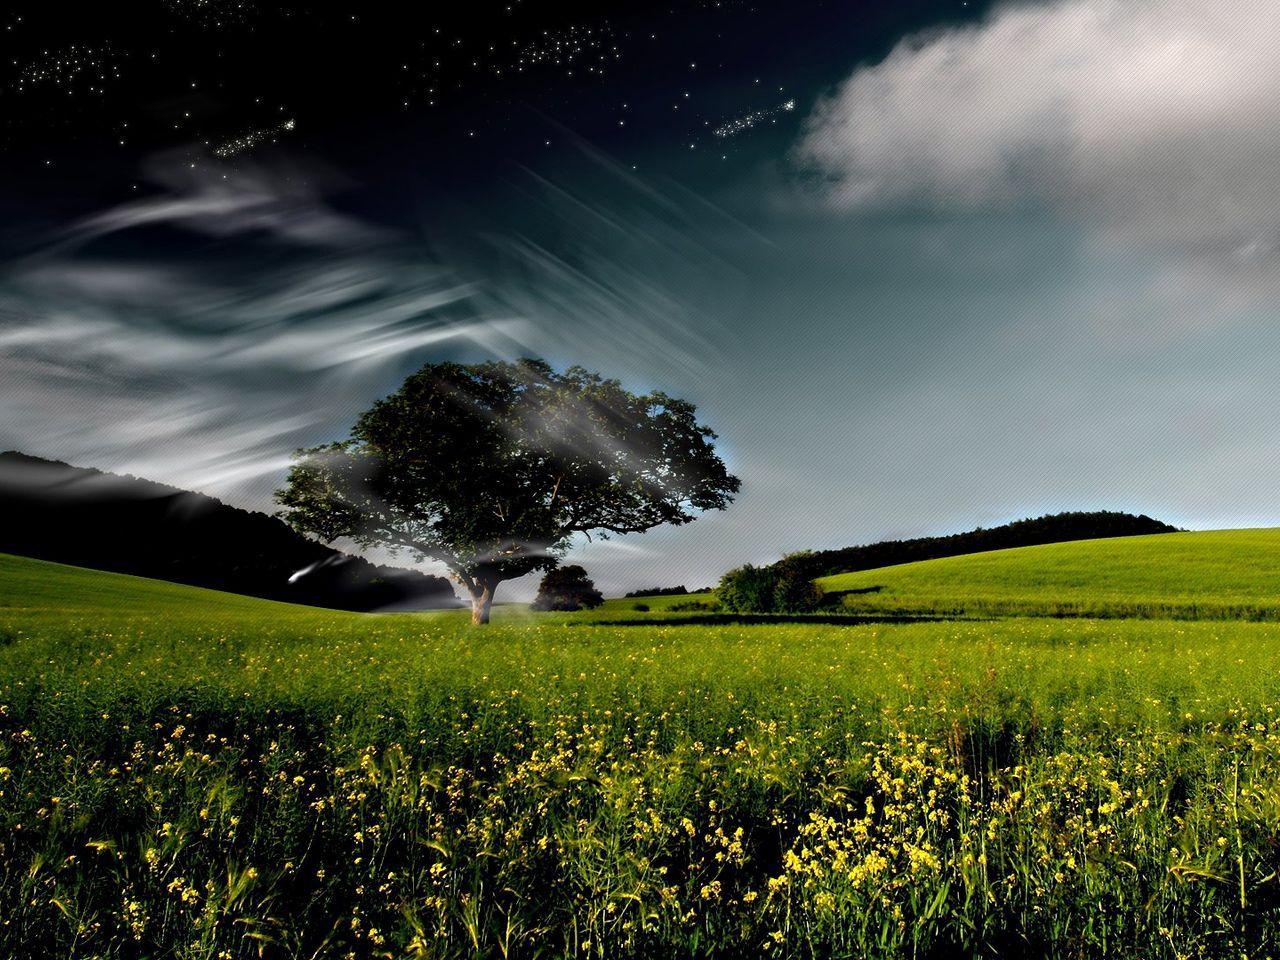 9446 скачать обои Пейзаж, Трава, Небо - заставки и картинки бесплатно